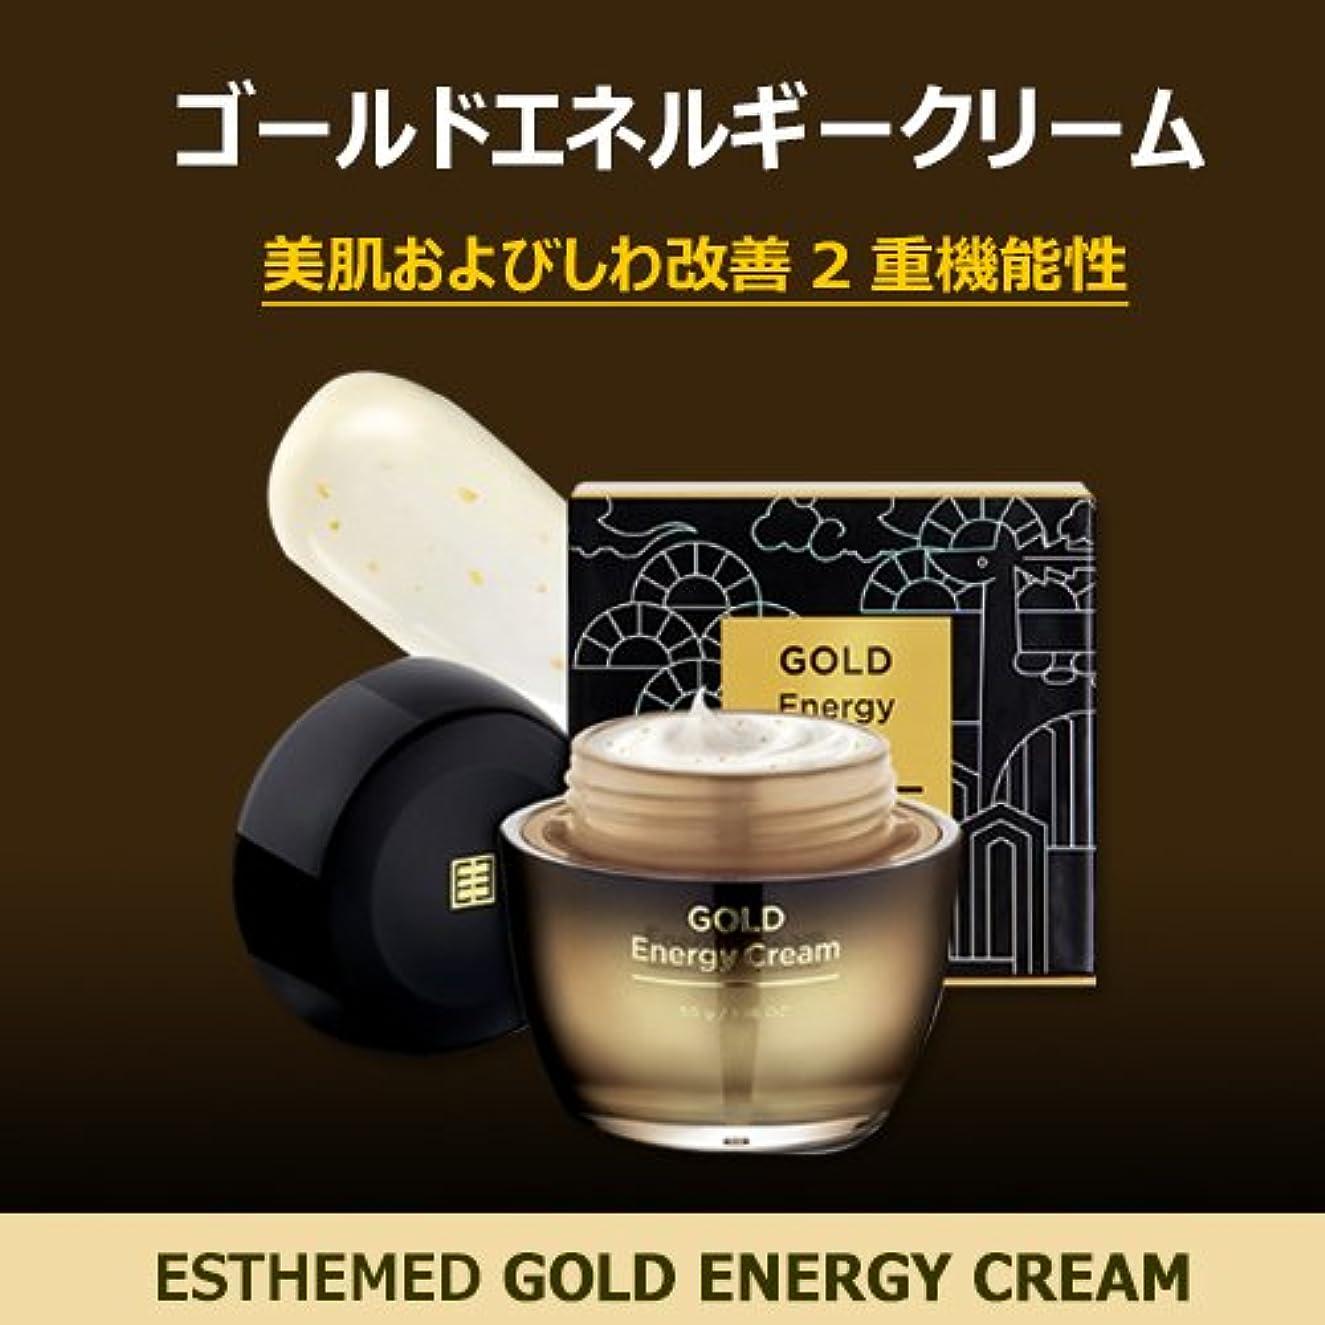 禁じるに対処する確認してくださいESTHEMED エステメド ゴールド エネルギー クリーム GOLD Energy Cream 50g 【 シワ改善 美肌 保湿 回復 韓国コスメ 】